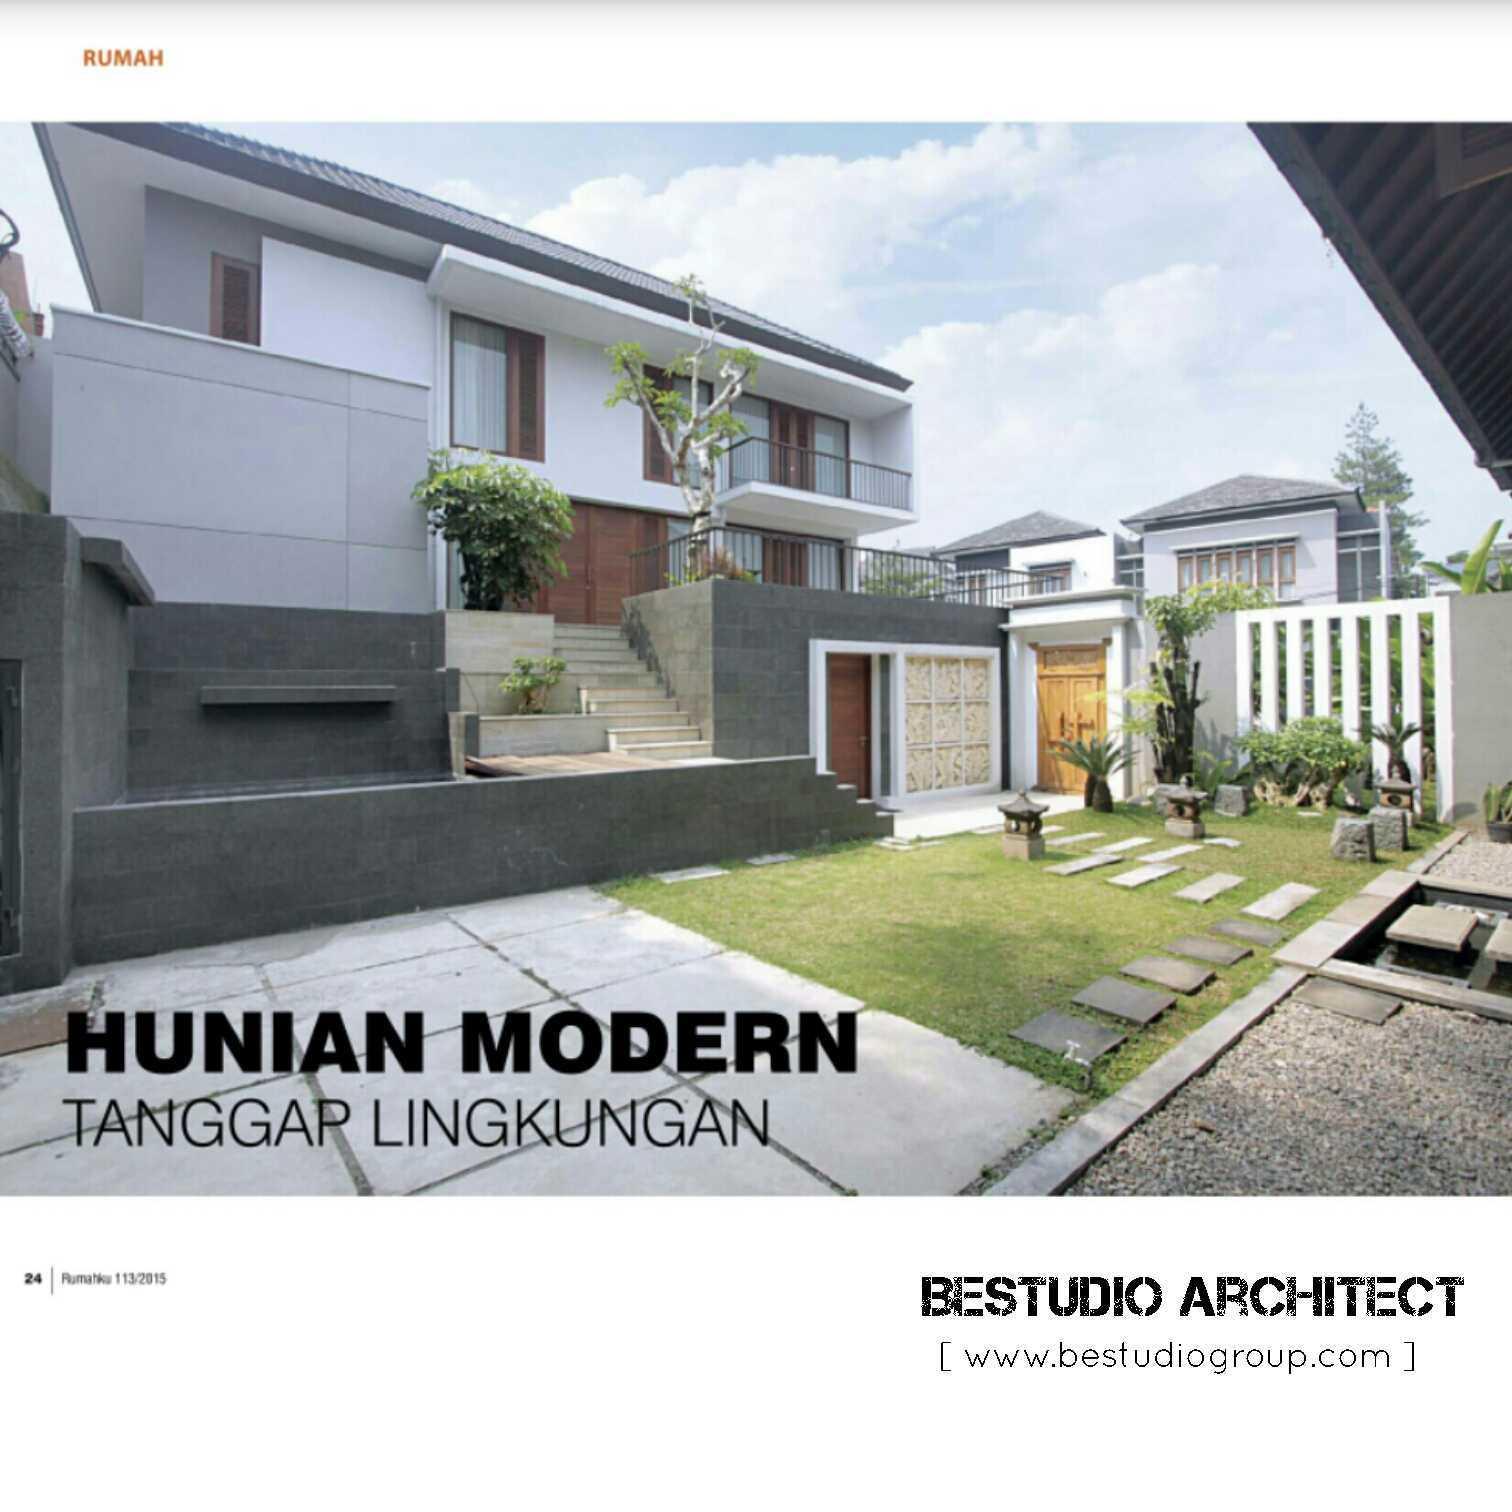 Best Group Design Studio Sukamulya House Sukamulya, Cinambo, Kota Bandung, Jawa Barat, Indonesia Sukamulya, Cinambo, Kota Bandung, Jawa Barat, Indonesia Best-Group-Design-Studio-Sukamulya-House   49892